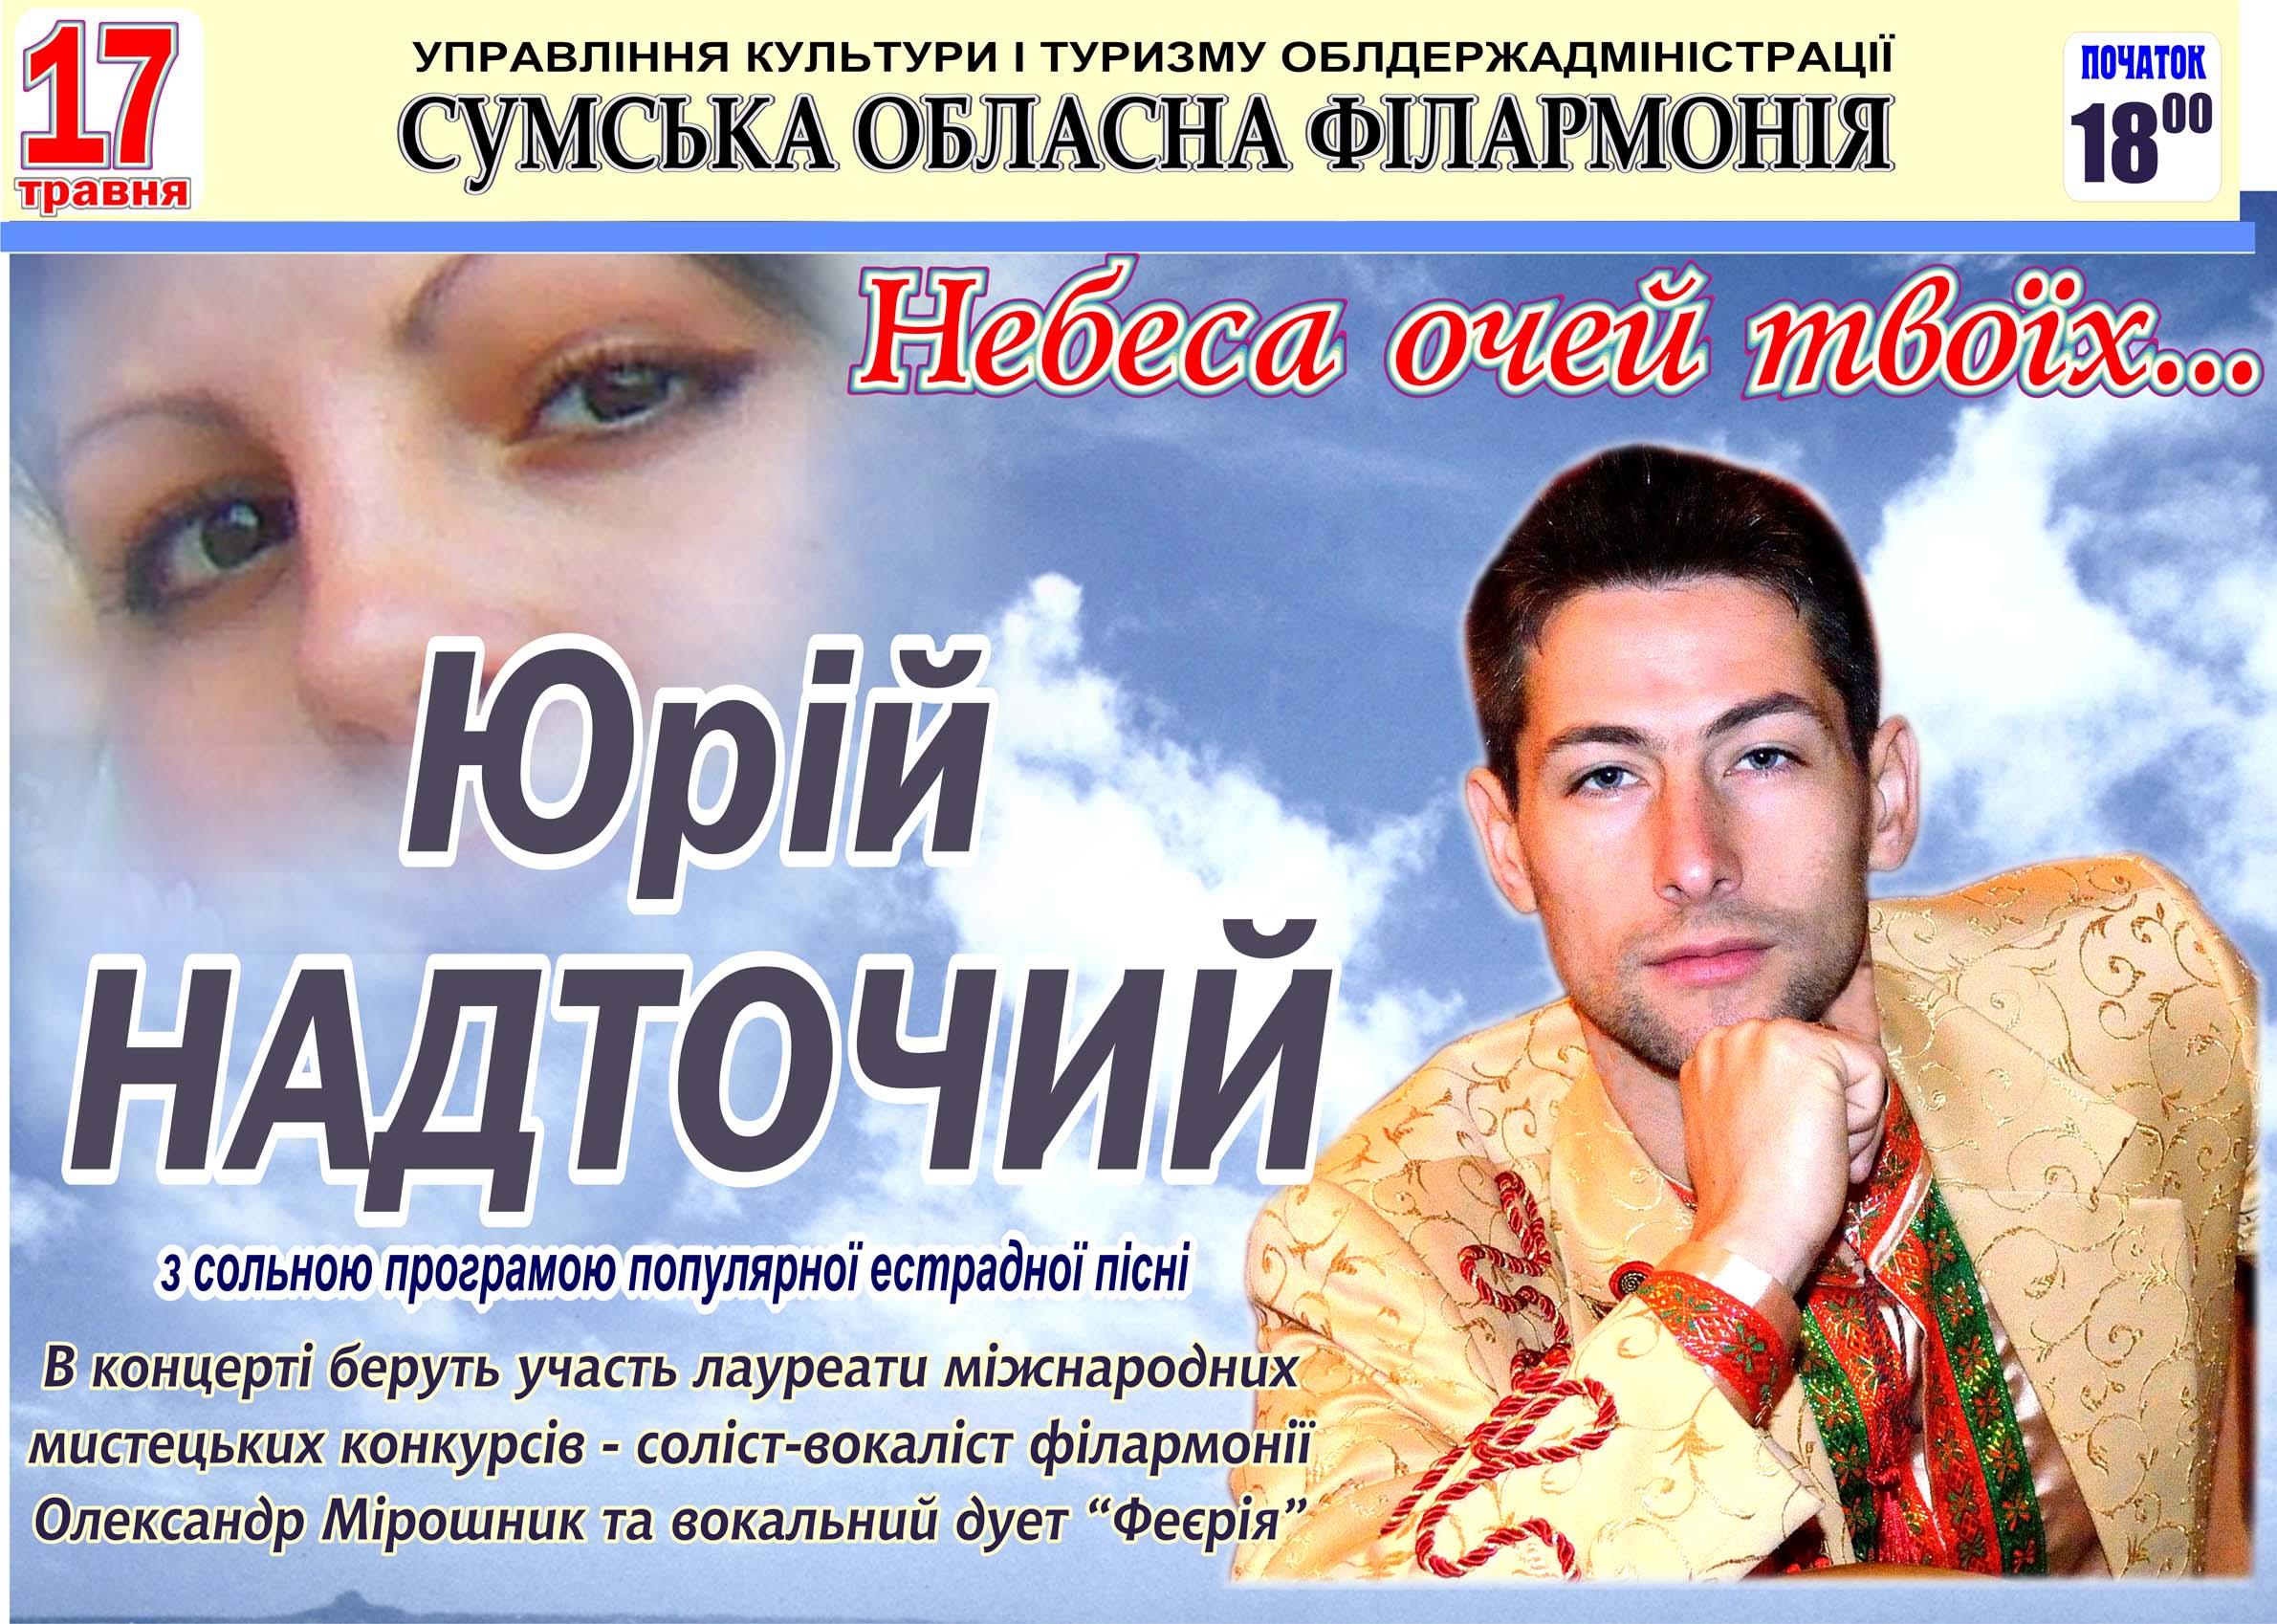 17_05_nadtochyj_nebesa-1